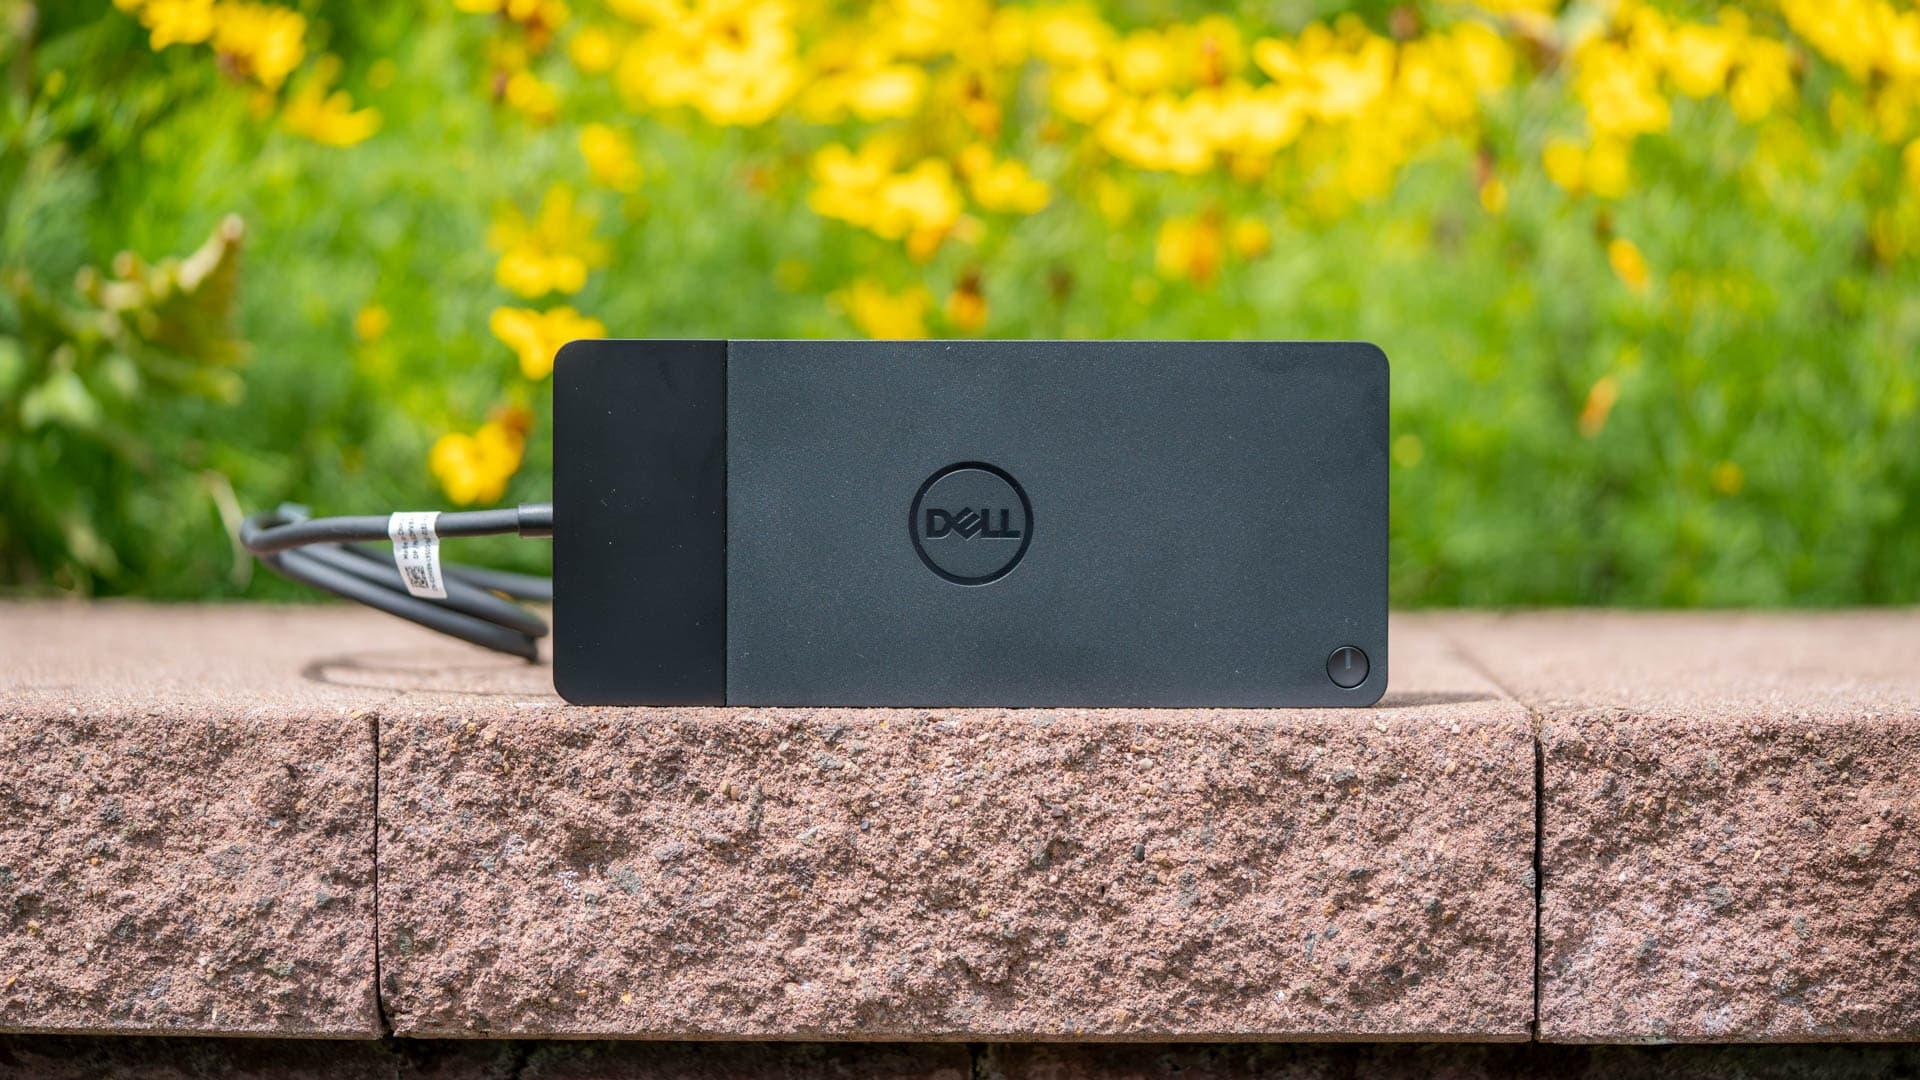 Das Dell Thunderbolt 3 Dock WD19TB im Test, das ideale Dock für das Dell XPS 15/17?